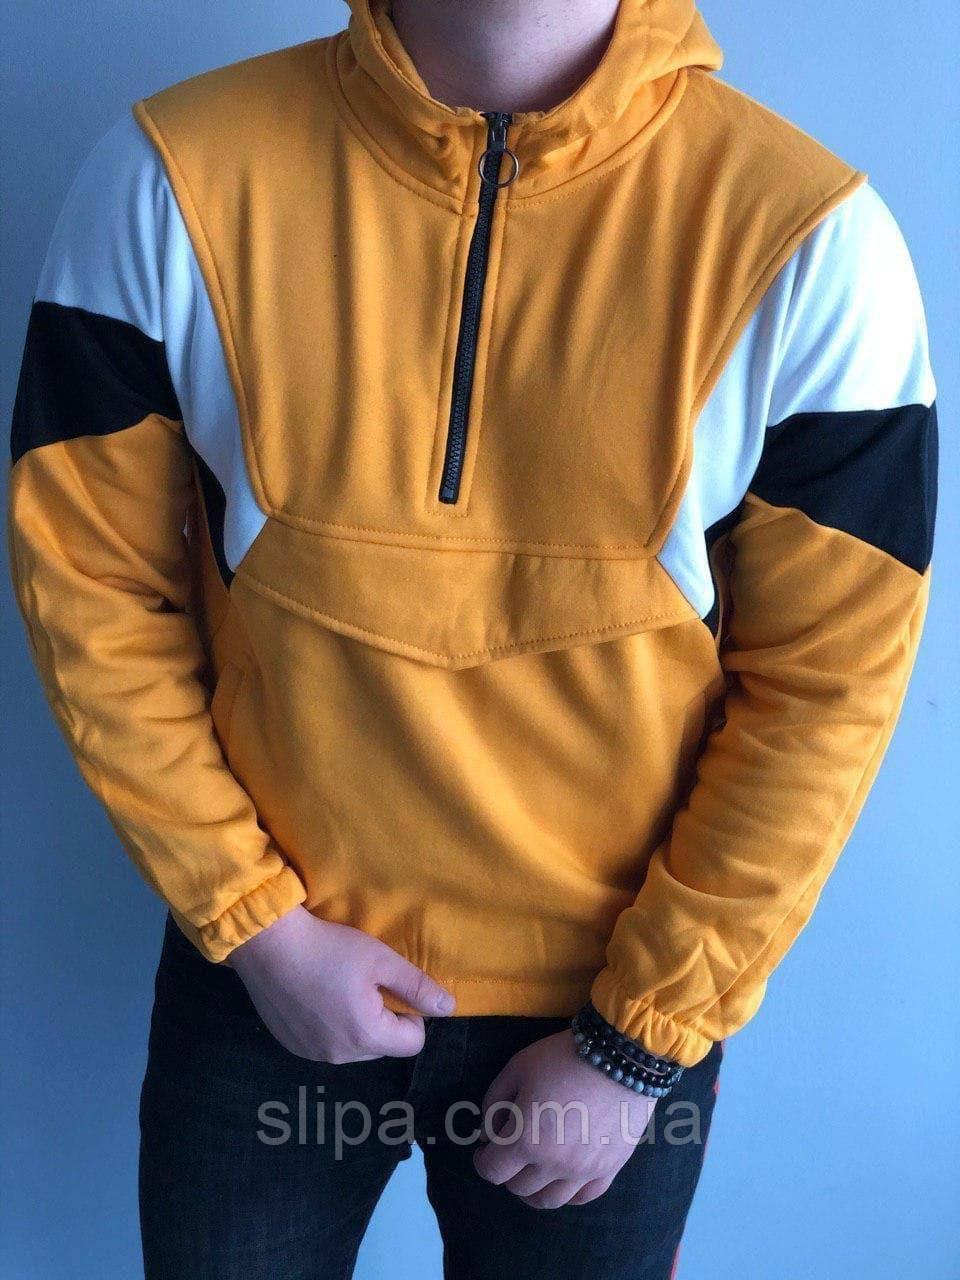 Чоловіча кофта з капюшоном на флісі з половинною блискавкою жовта